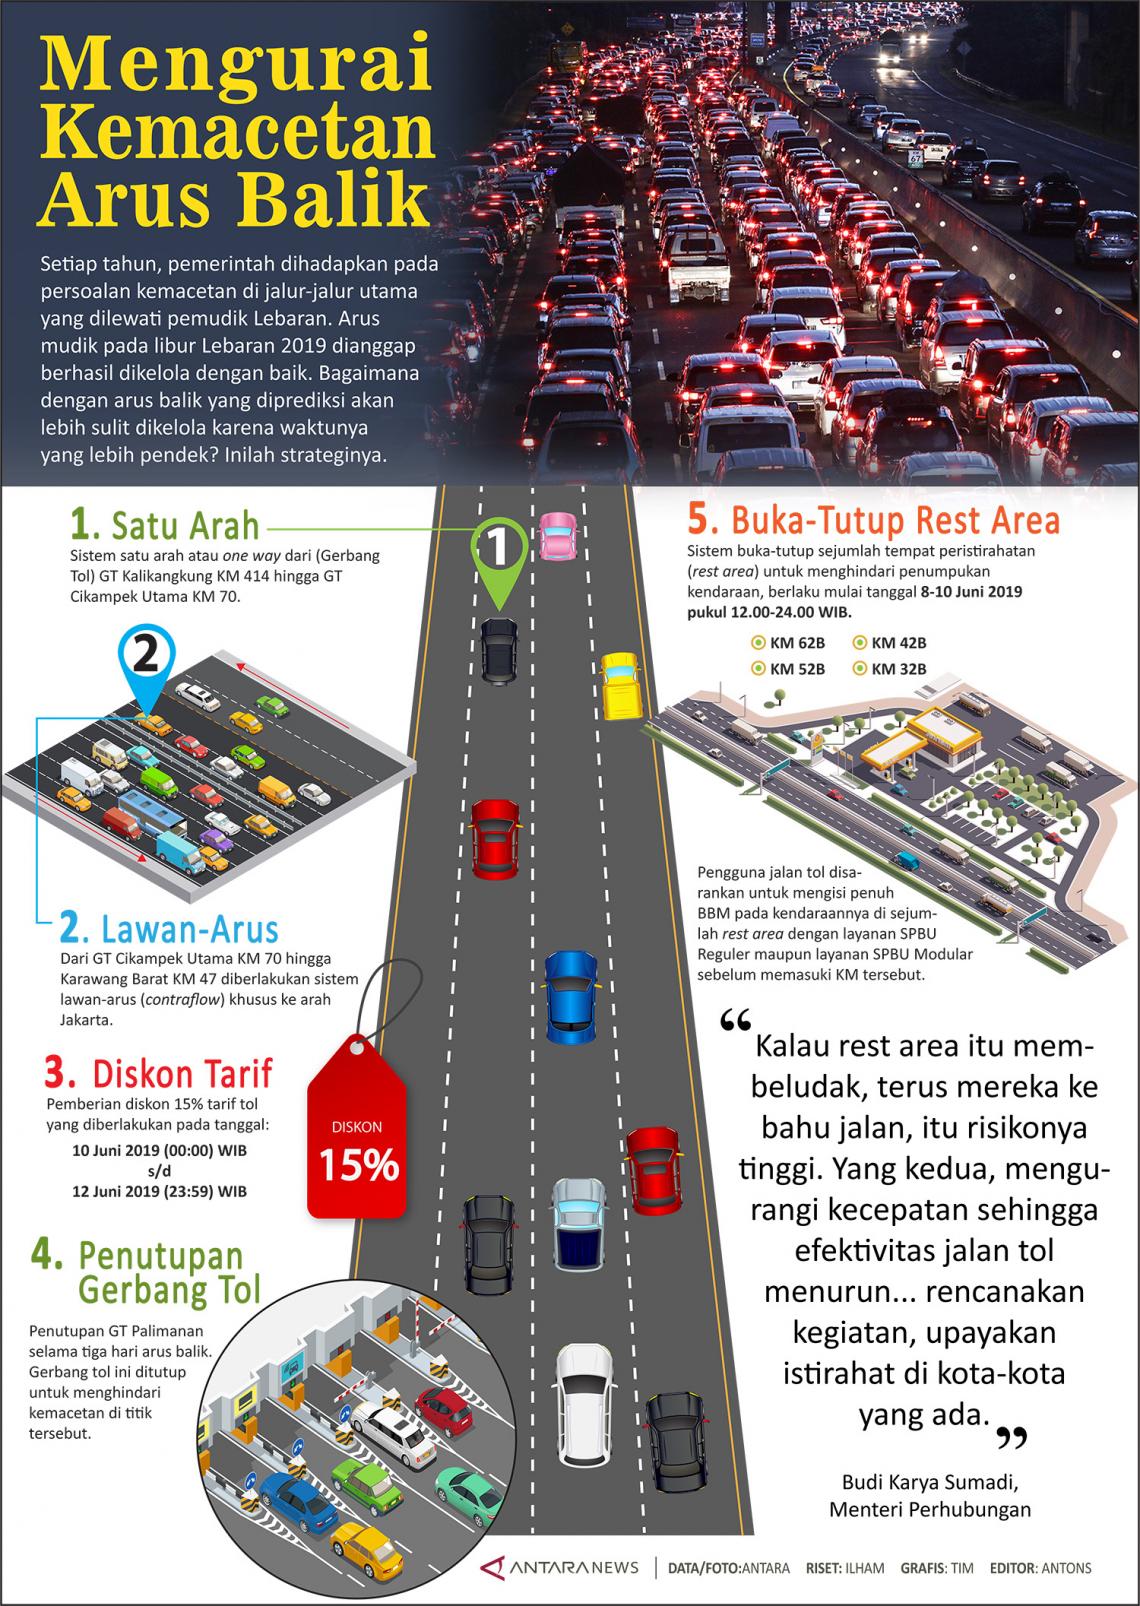 Mengurai kemacetan arus balik Lebaran